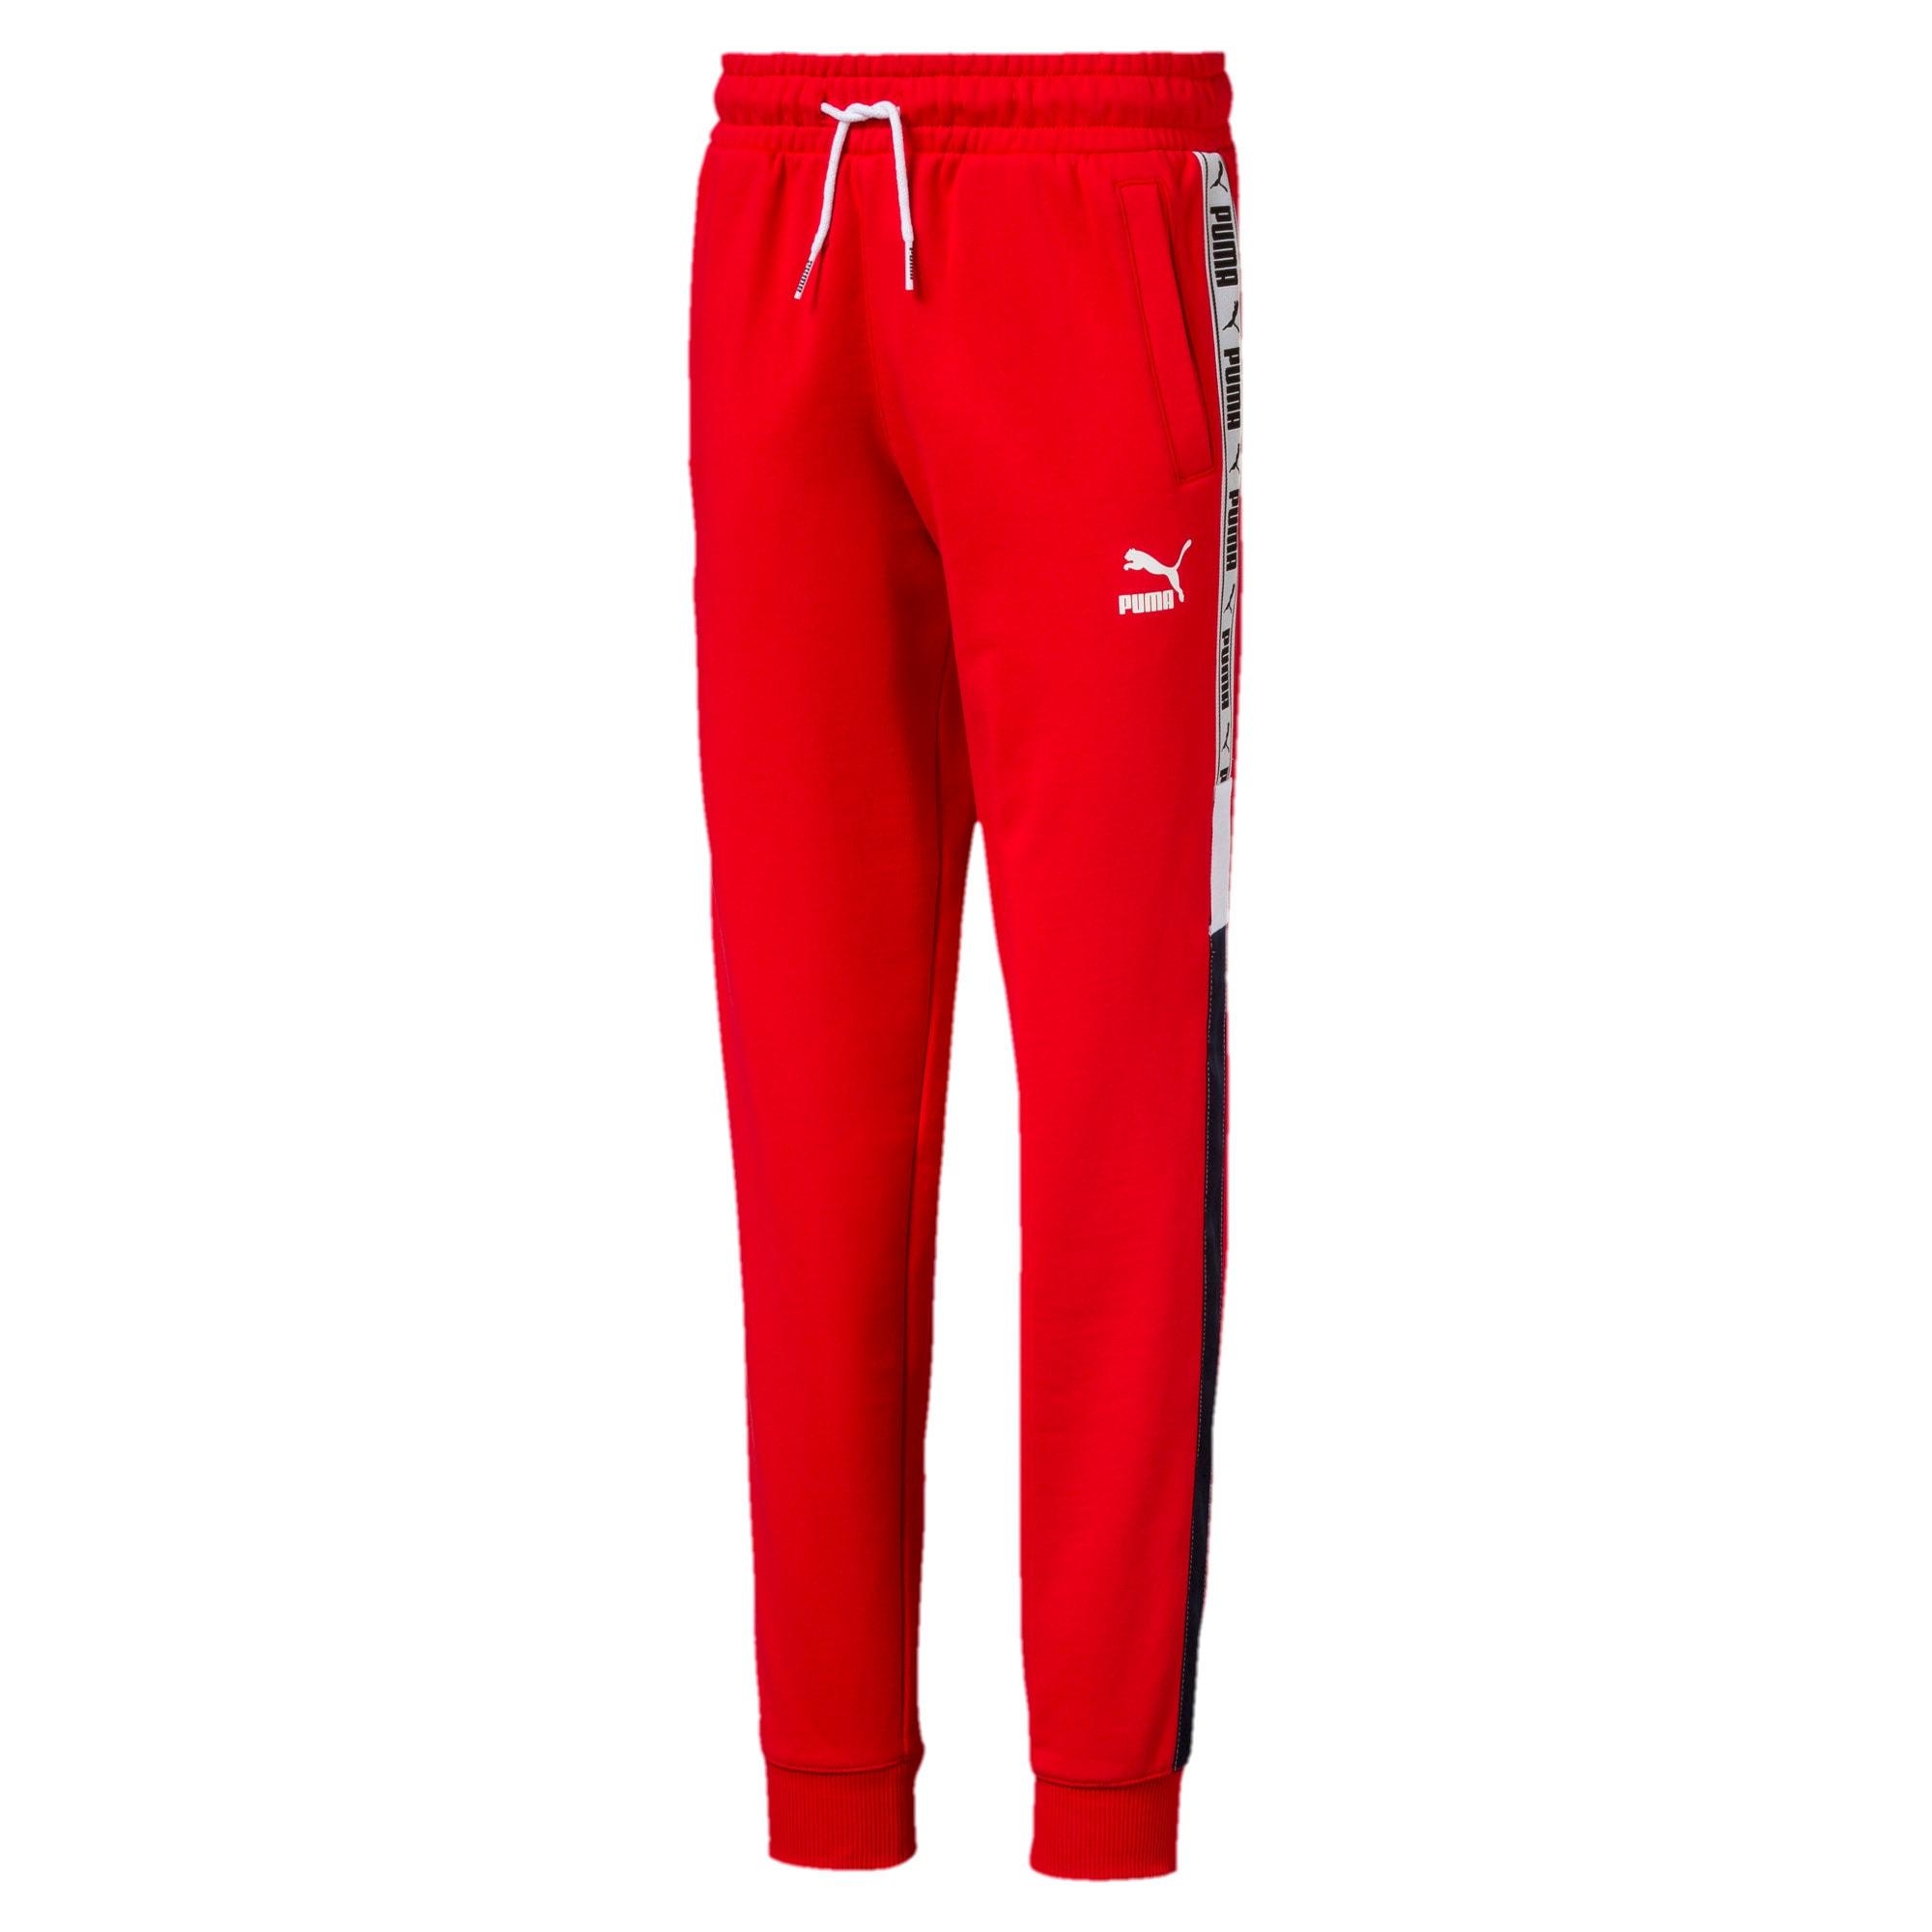 Miniatura 1 de Pantalones deportivos PUMA XTG JR, High Risk Red, mediano